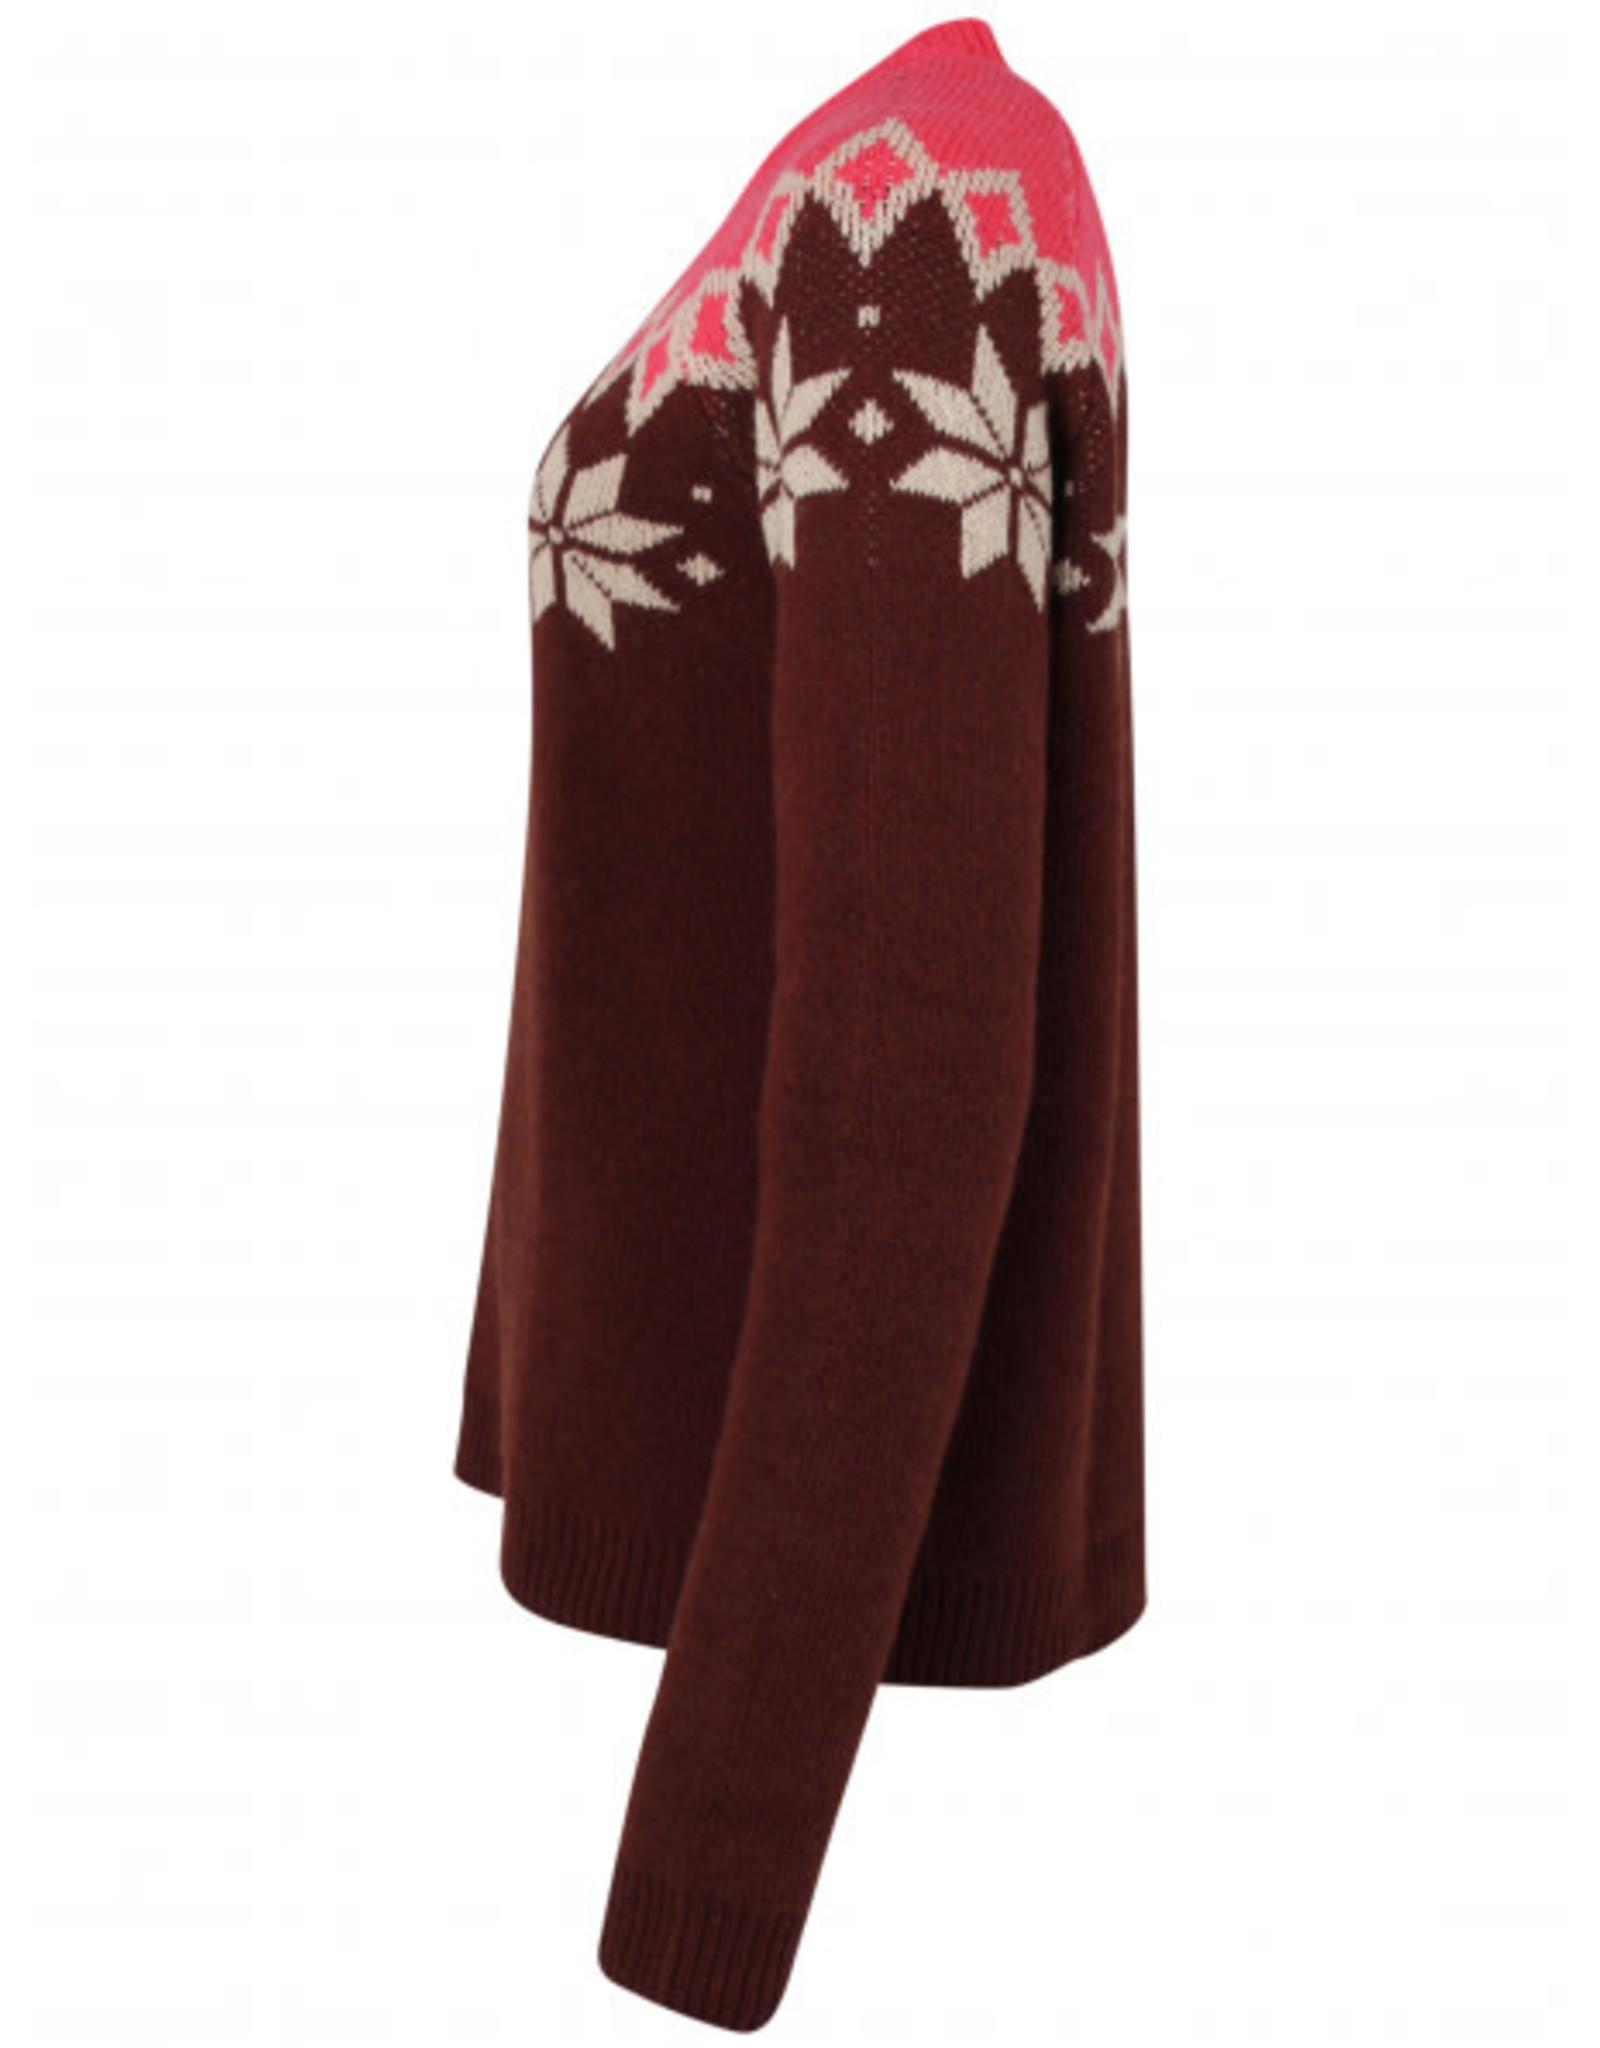 Danefae VOLWASSENEN Bordeaux/roze warme wintertrui